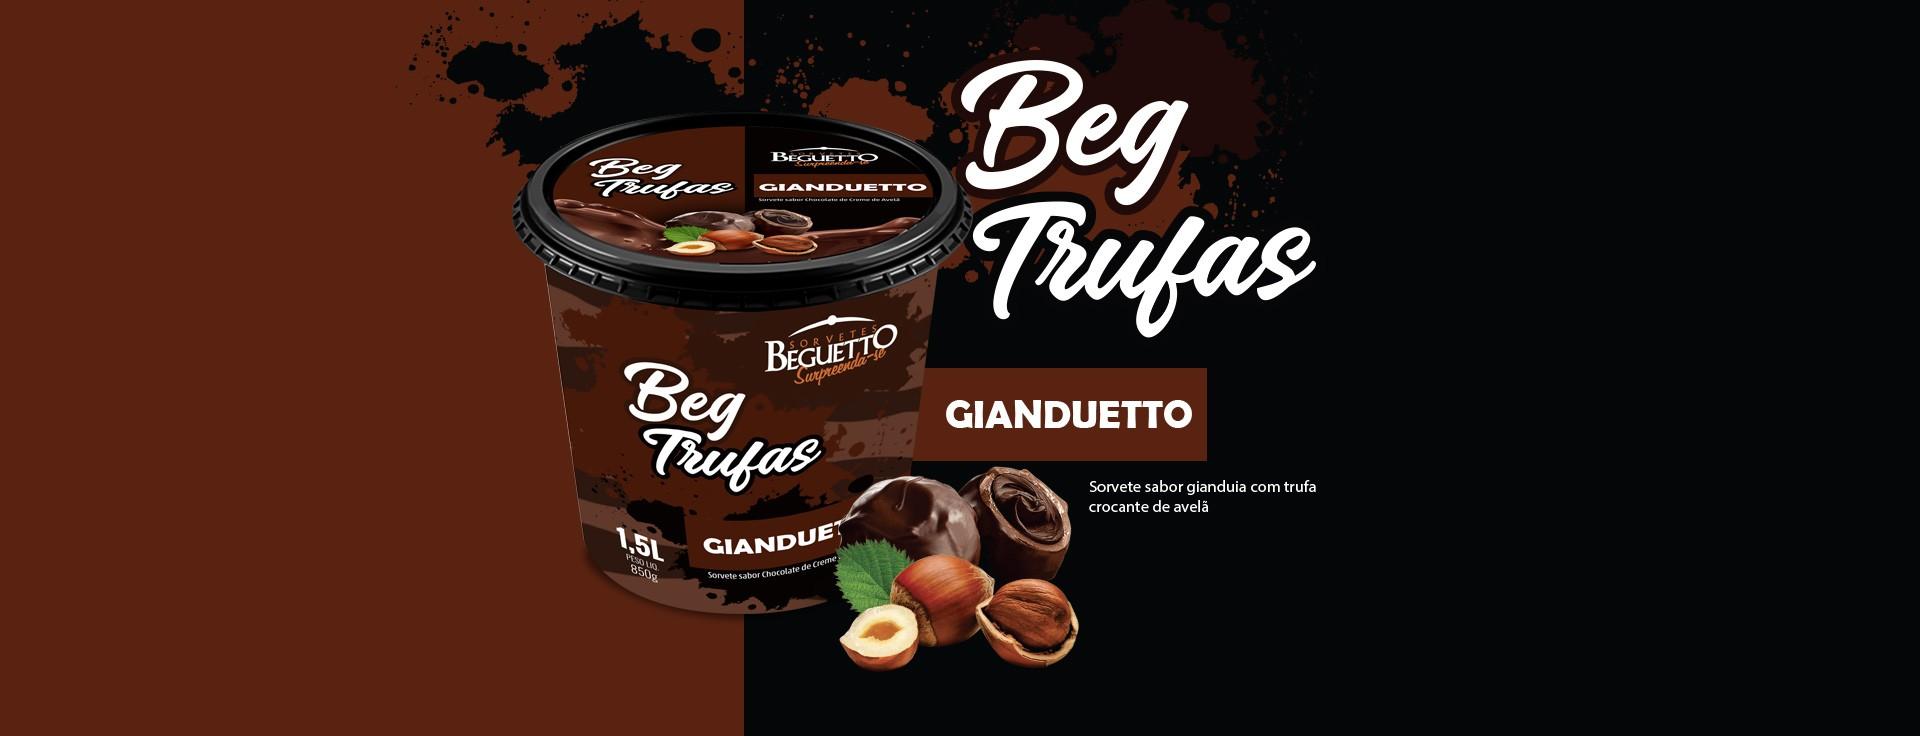 BEGTRUFAS - GIANDUETTO - 1,5L